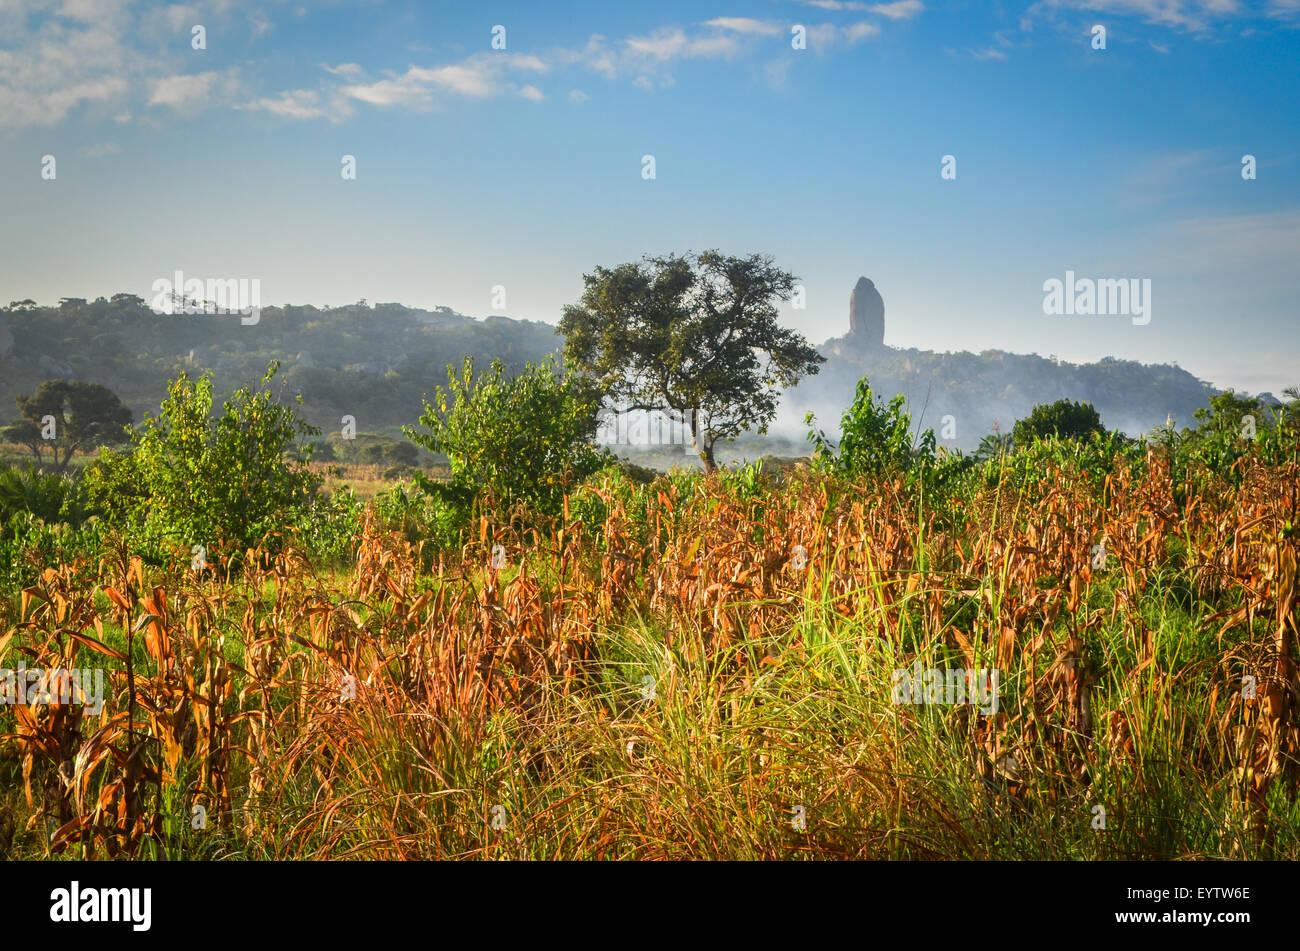 Il mais (mais) campi del Cuanza Sul provincia di Angola presso sunrise Immagini Stock